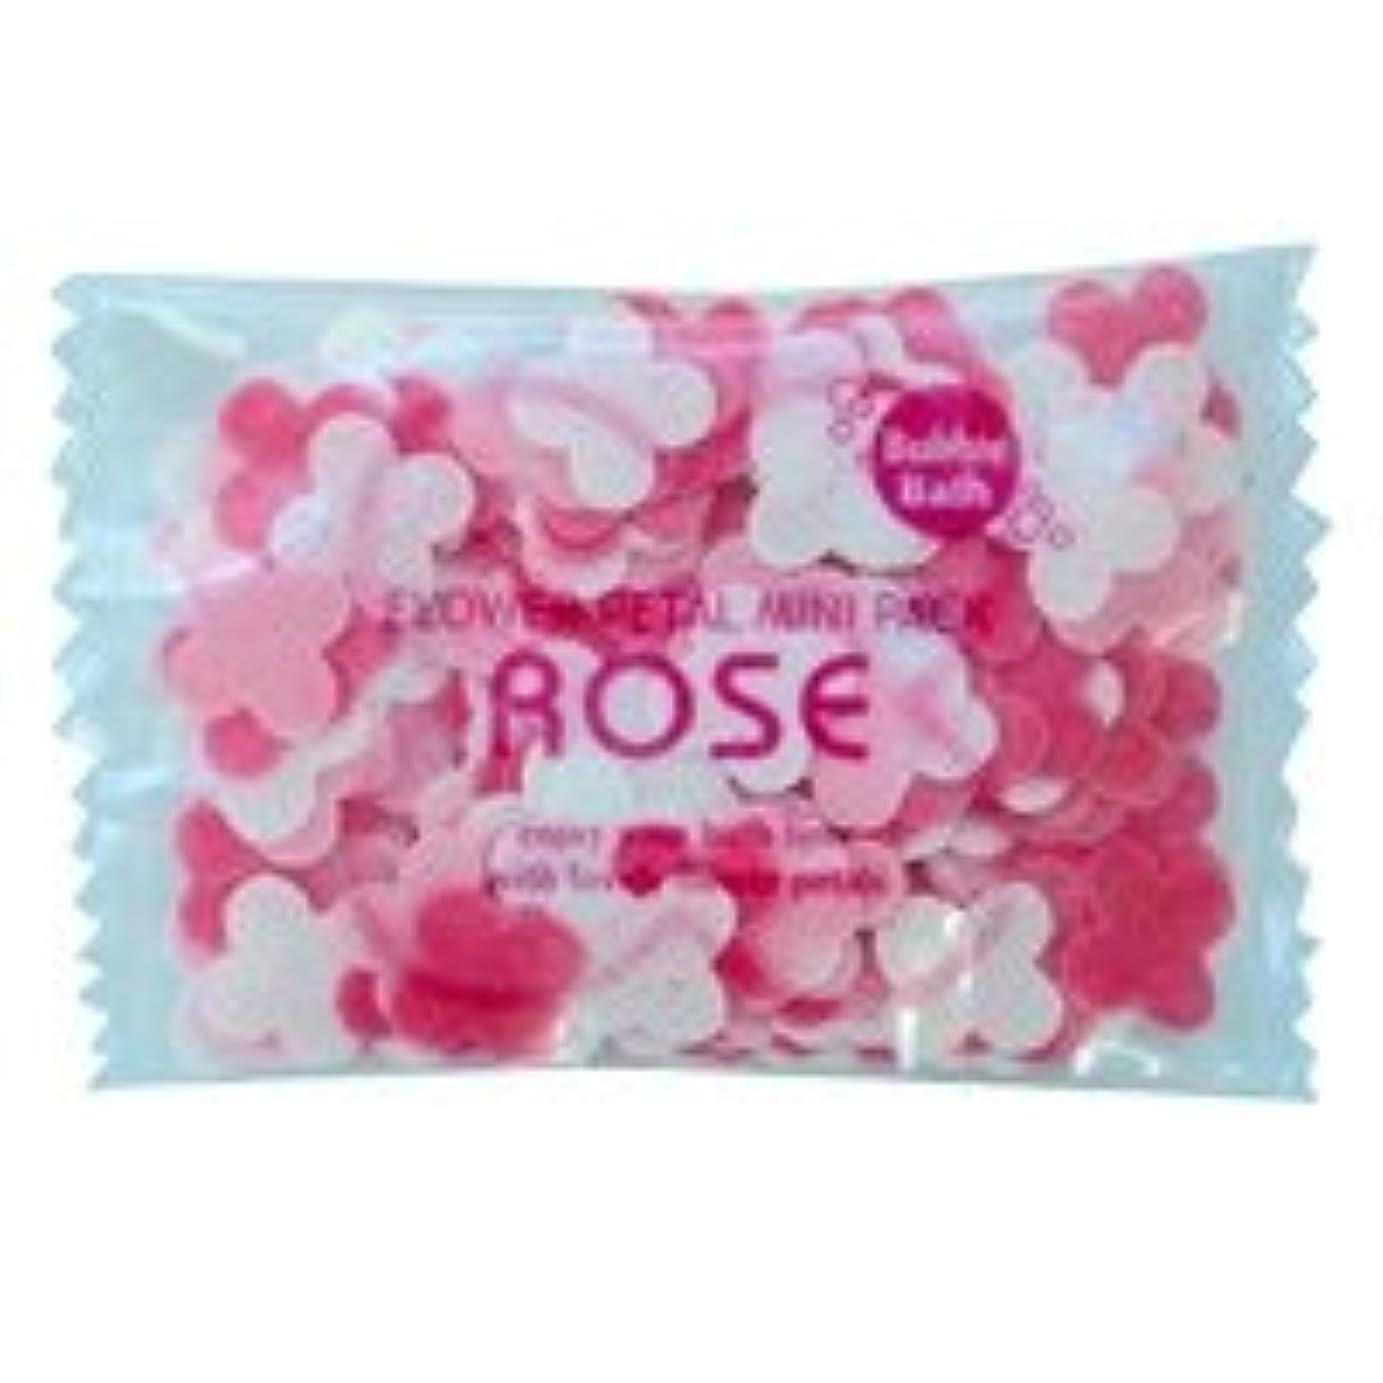 ロースト決定つづりフラワーペタル バブルバス ミニパック「ローズ」20個セット ハッピーな気分になりたい日に幸福感で包んでくれる華やかなローズの香り